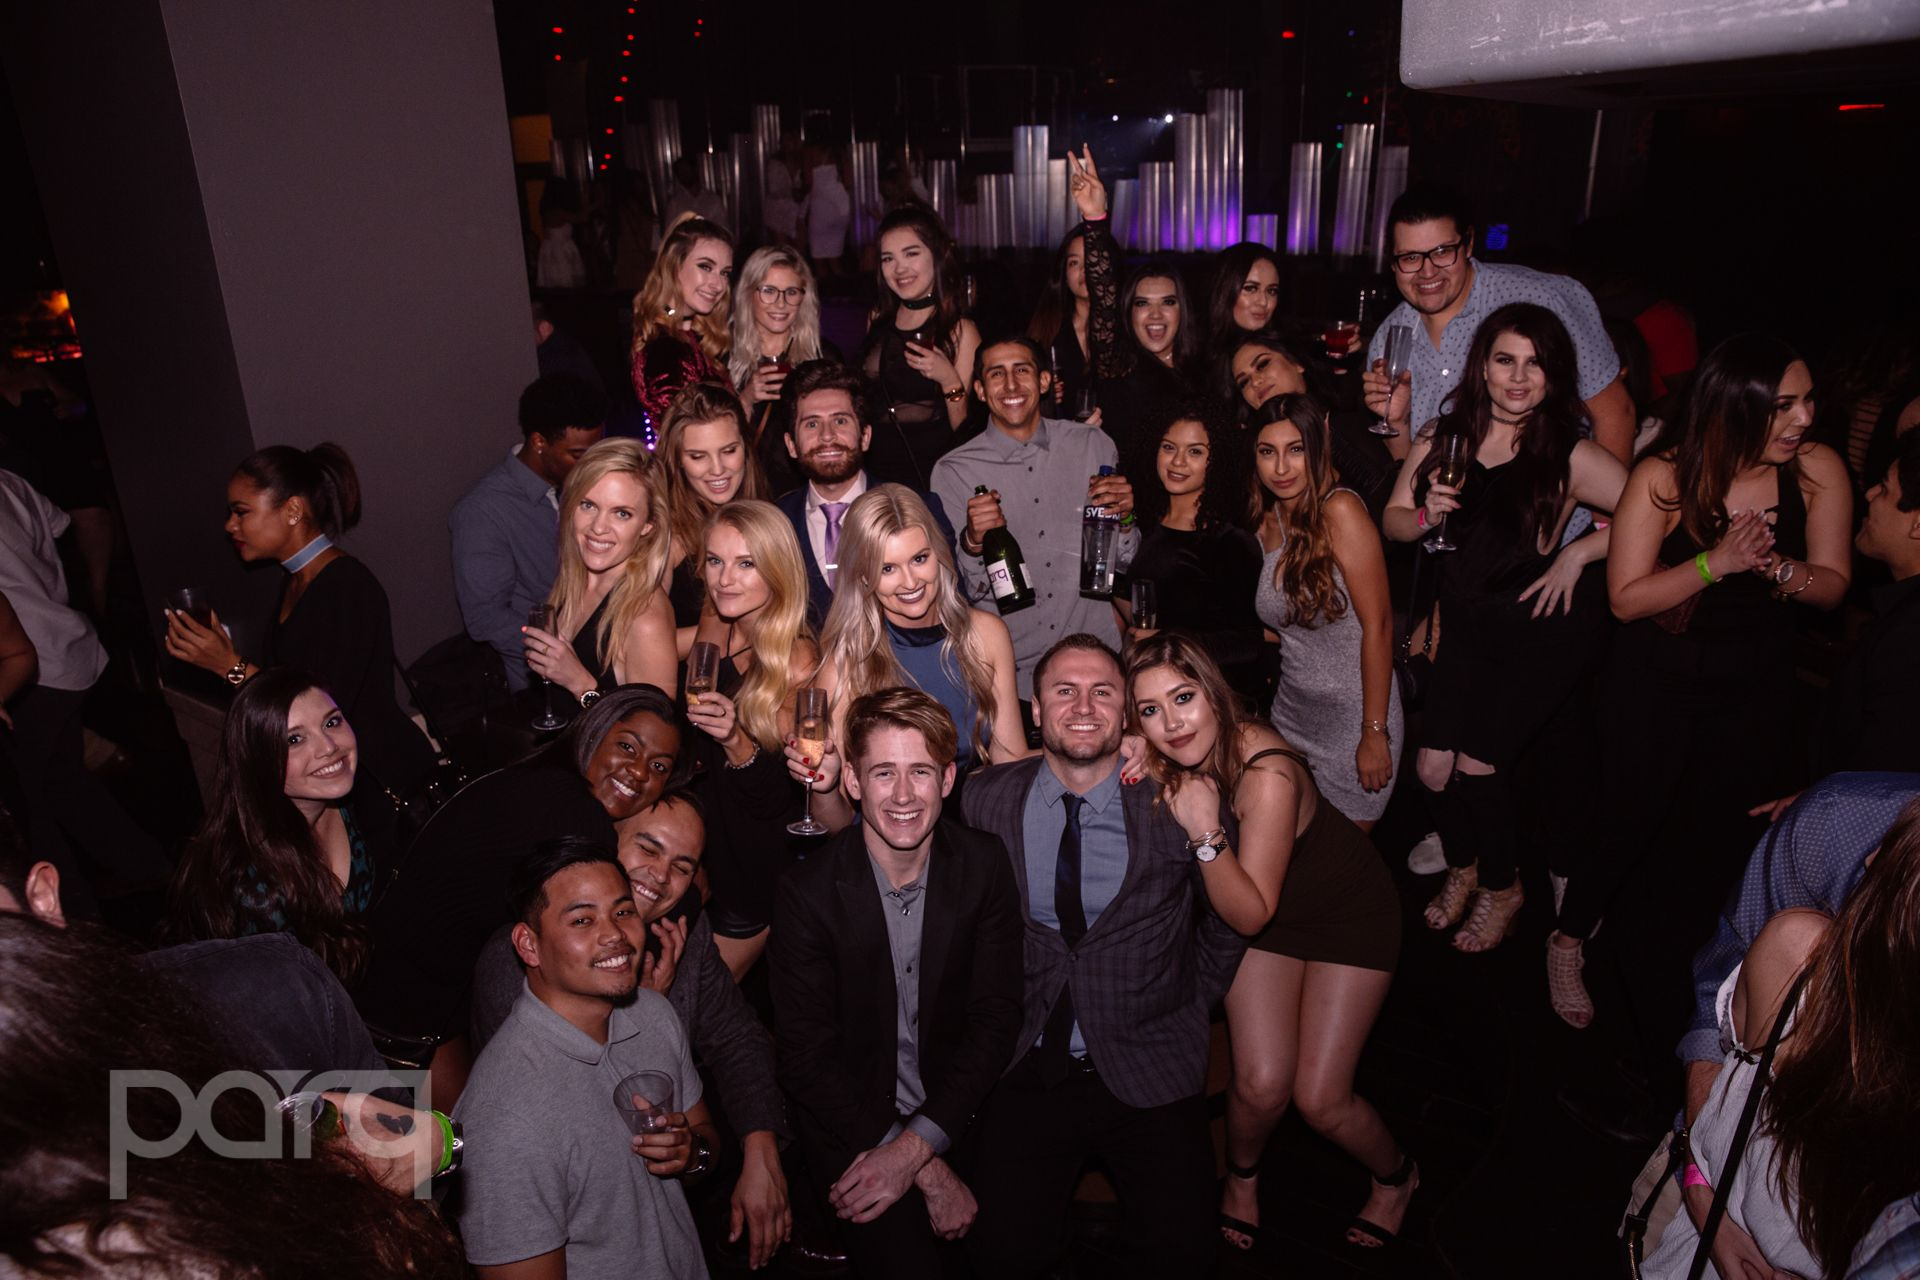 San-Diego-Nightclub-DJ Obscene-18.jpg